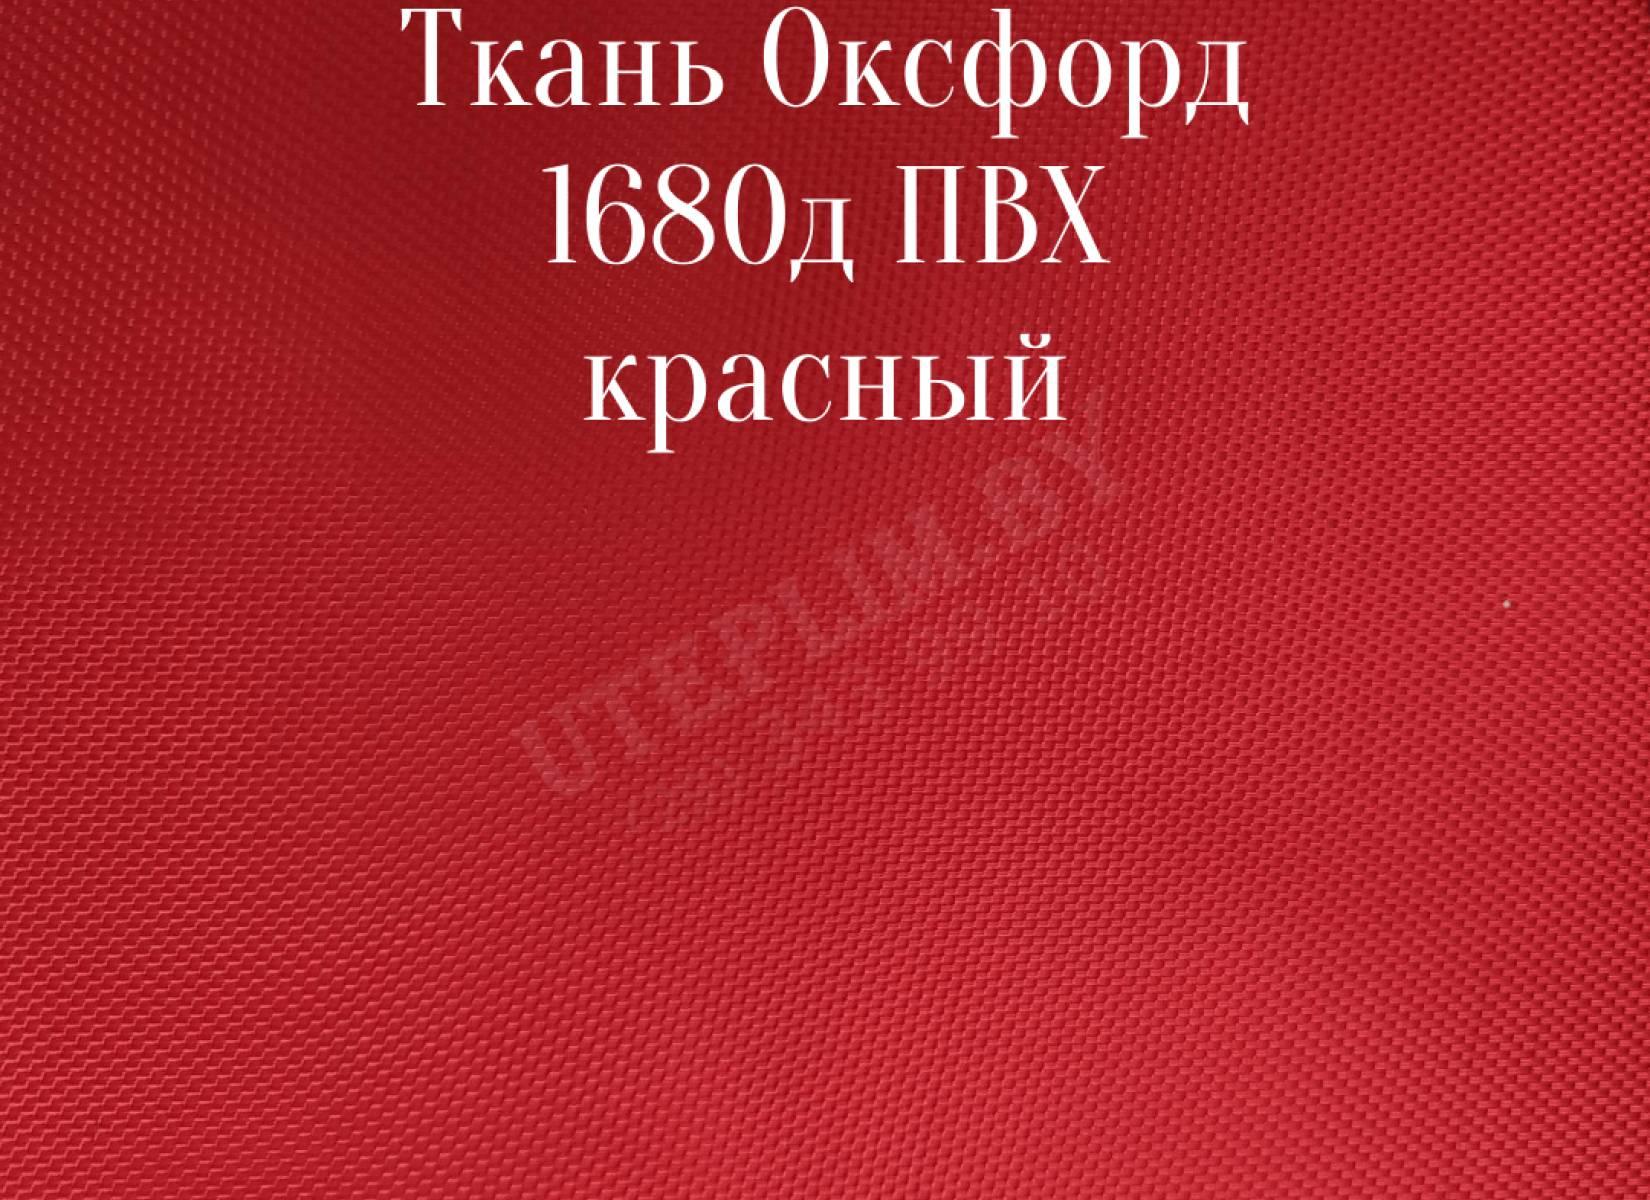 1680д ПВХ - красный